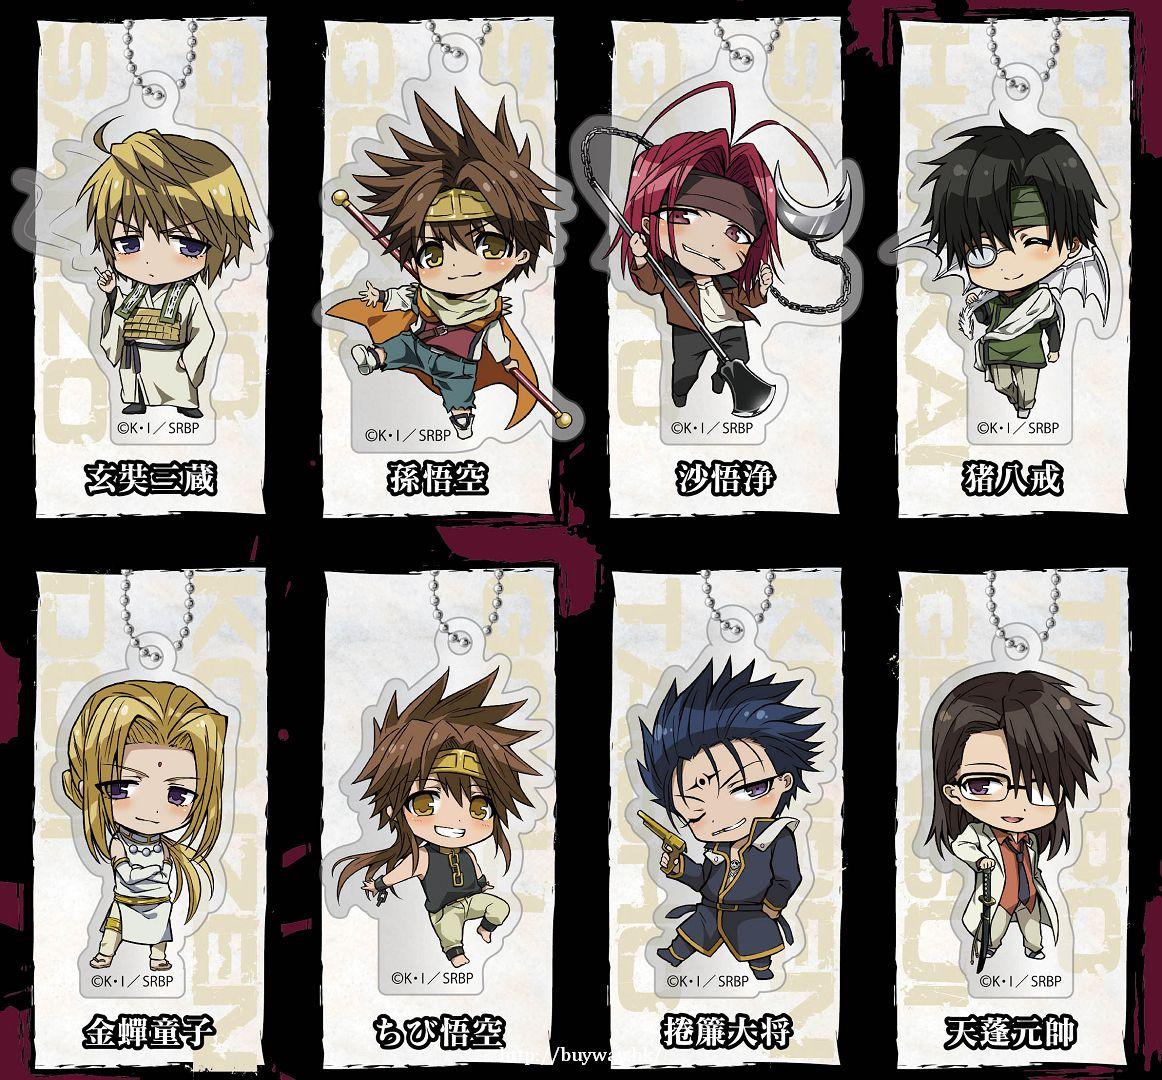 最遊記 亞克力掛飾 (8 個入) Acrylic Mascot (8 Pieces)【Saiyuki】